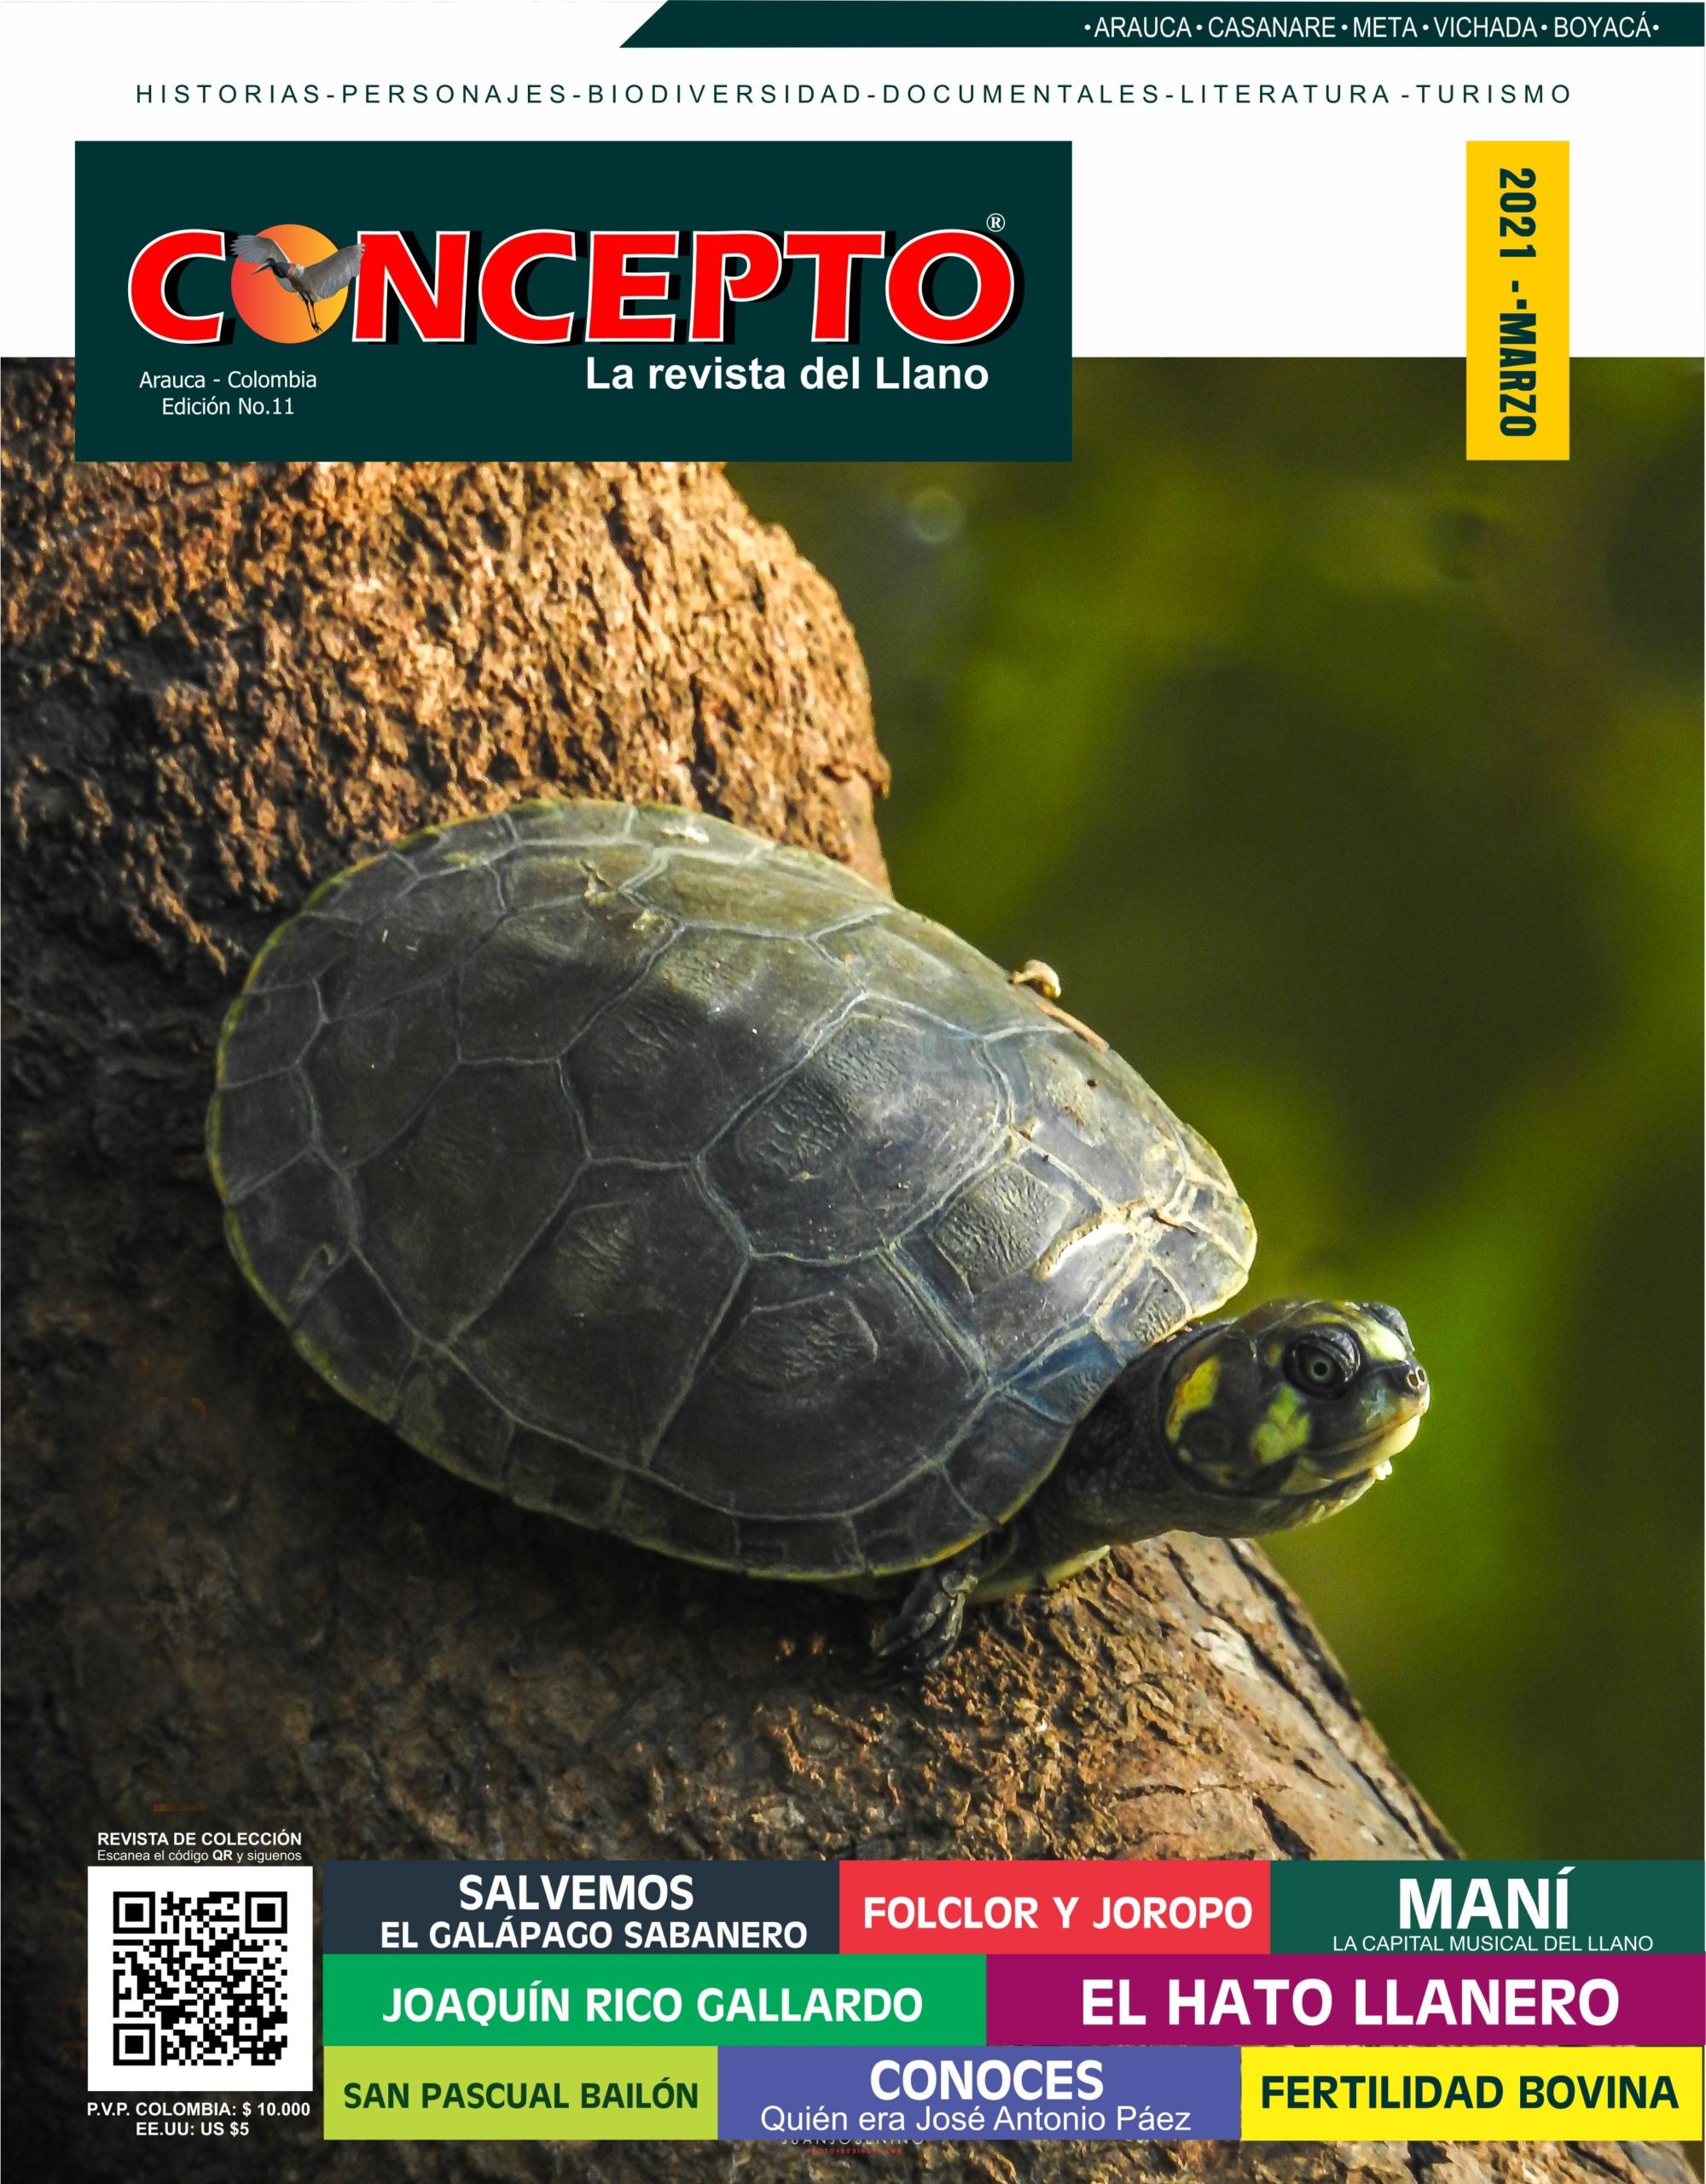 Revista Concepto Edición 11 Parte 1 CURVAS PORTADA